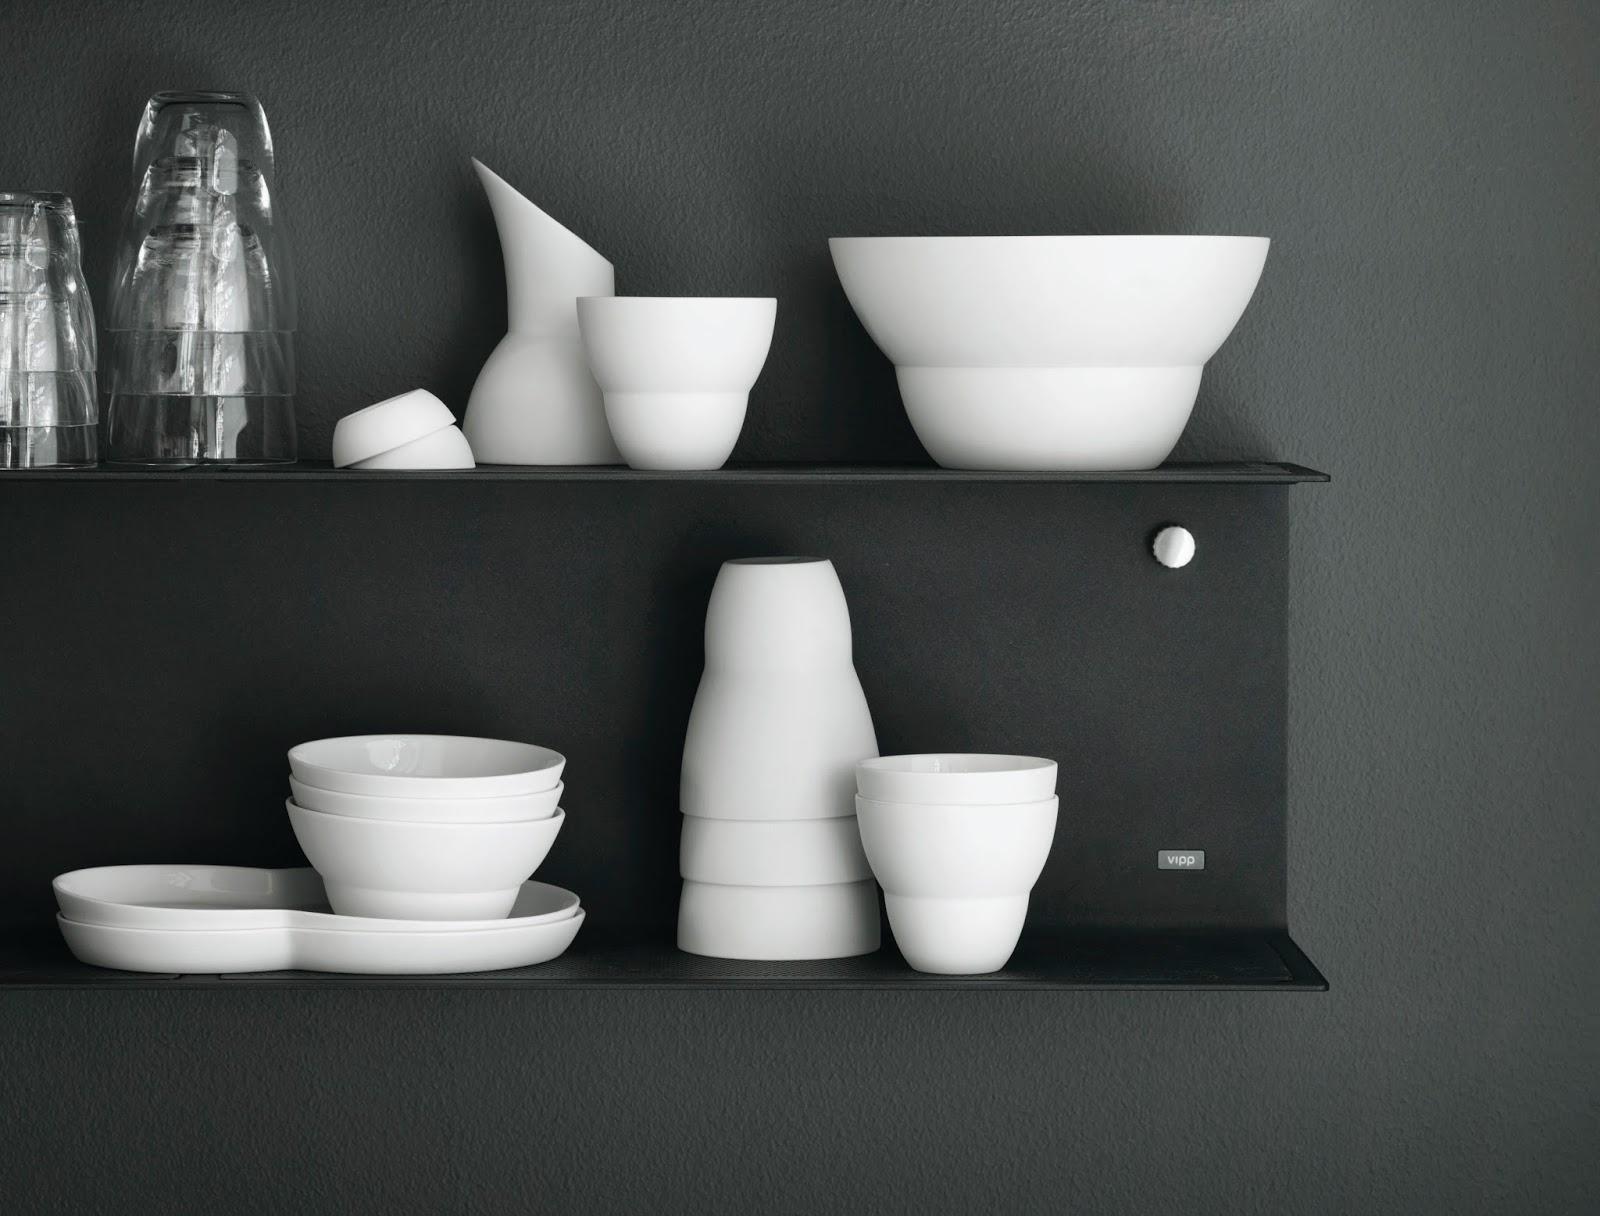 Zastawa kuchenna w kolorze białym